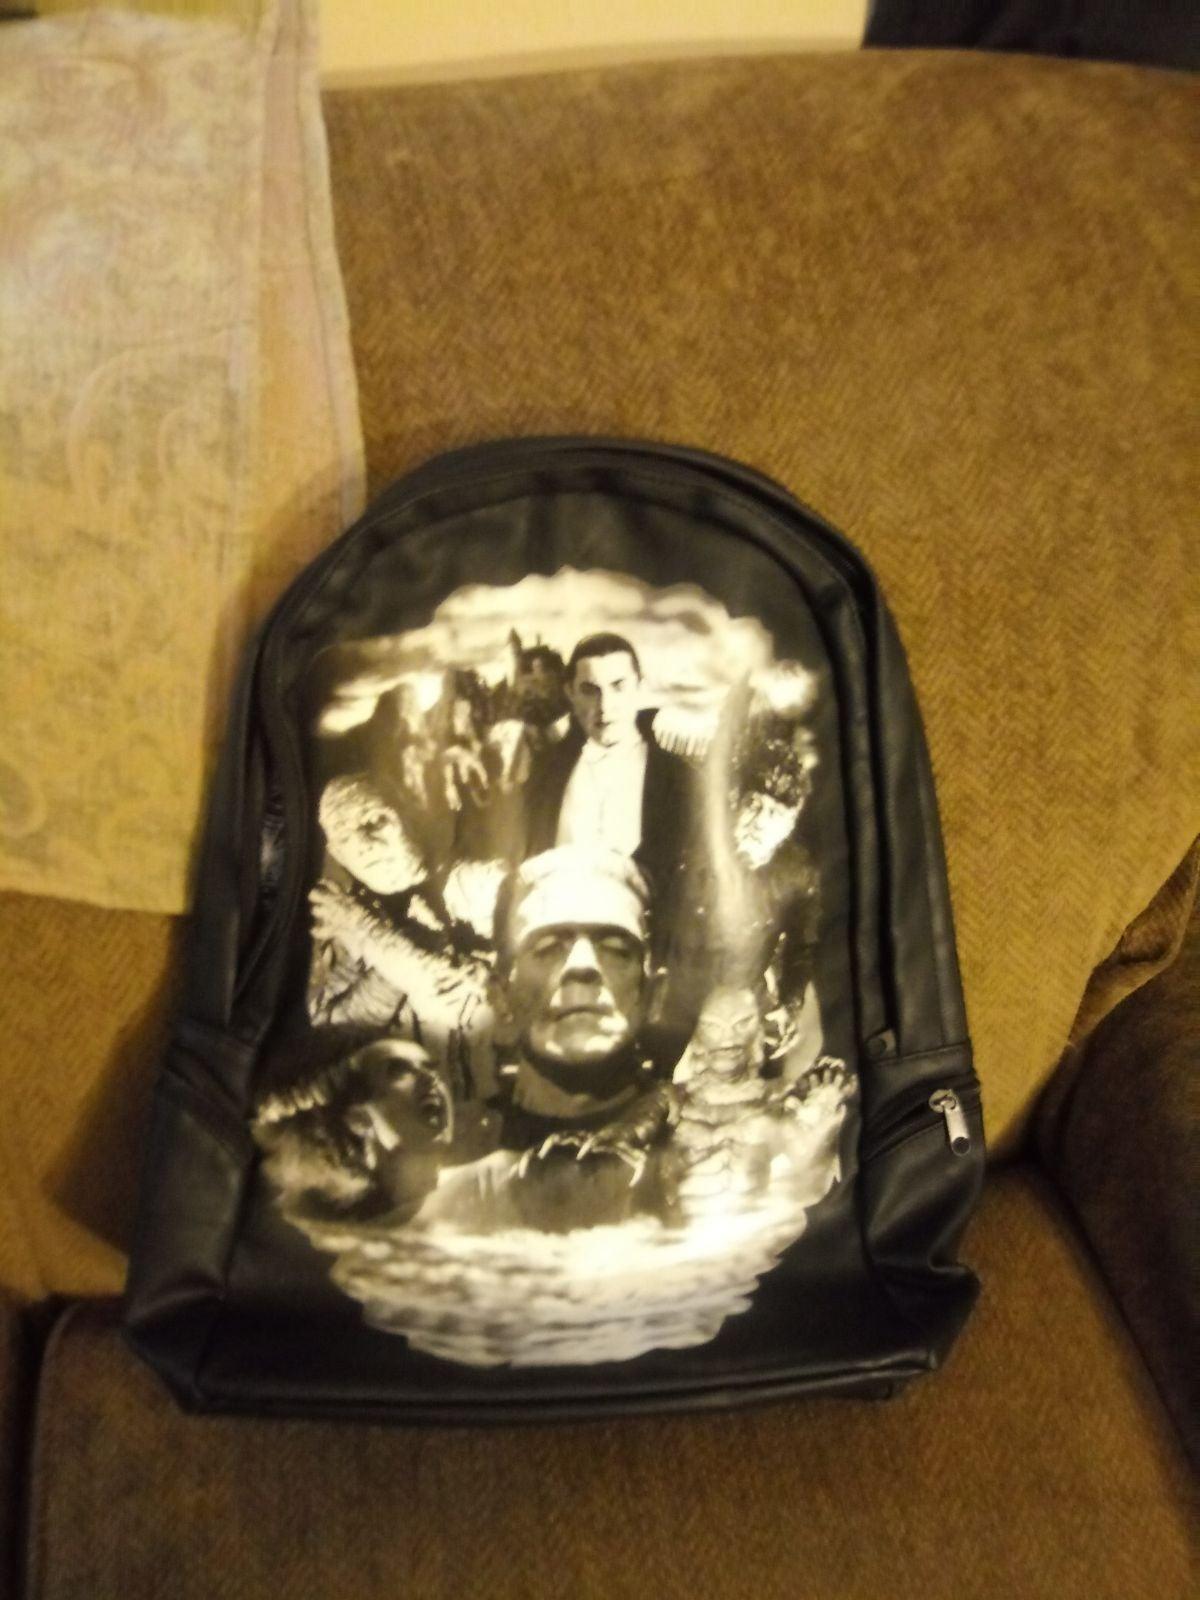 Rock Rebel Universal Monsters Backpack